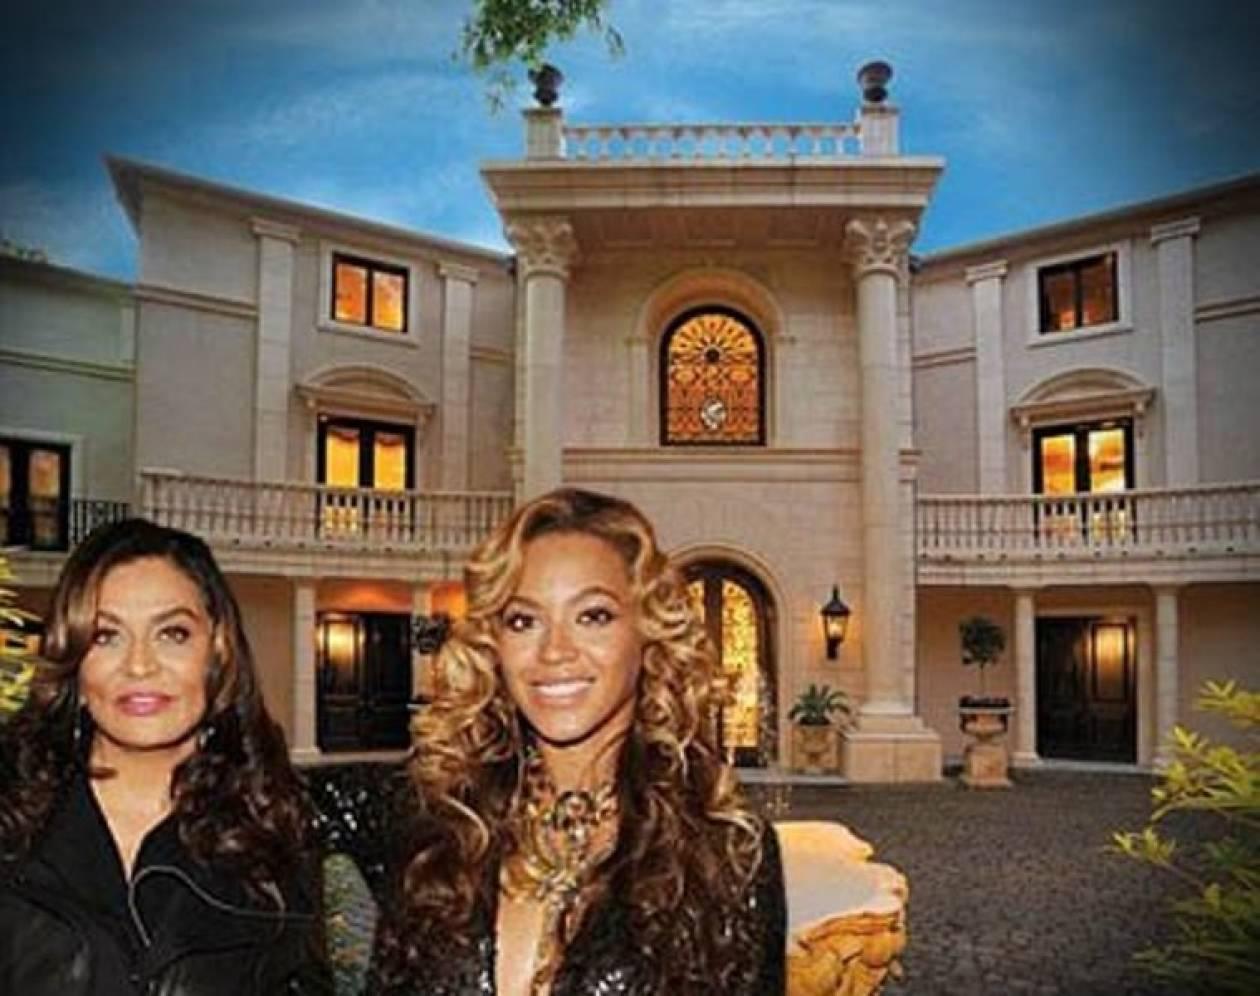 Δείτε την 5,9 εκατ. δολαρίων έπαυλη που αγόρασε η Beyonce